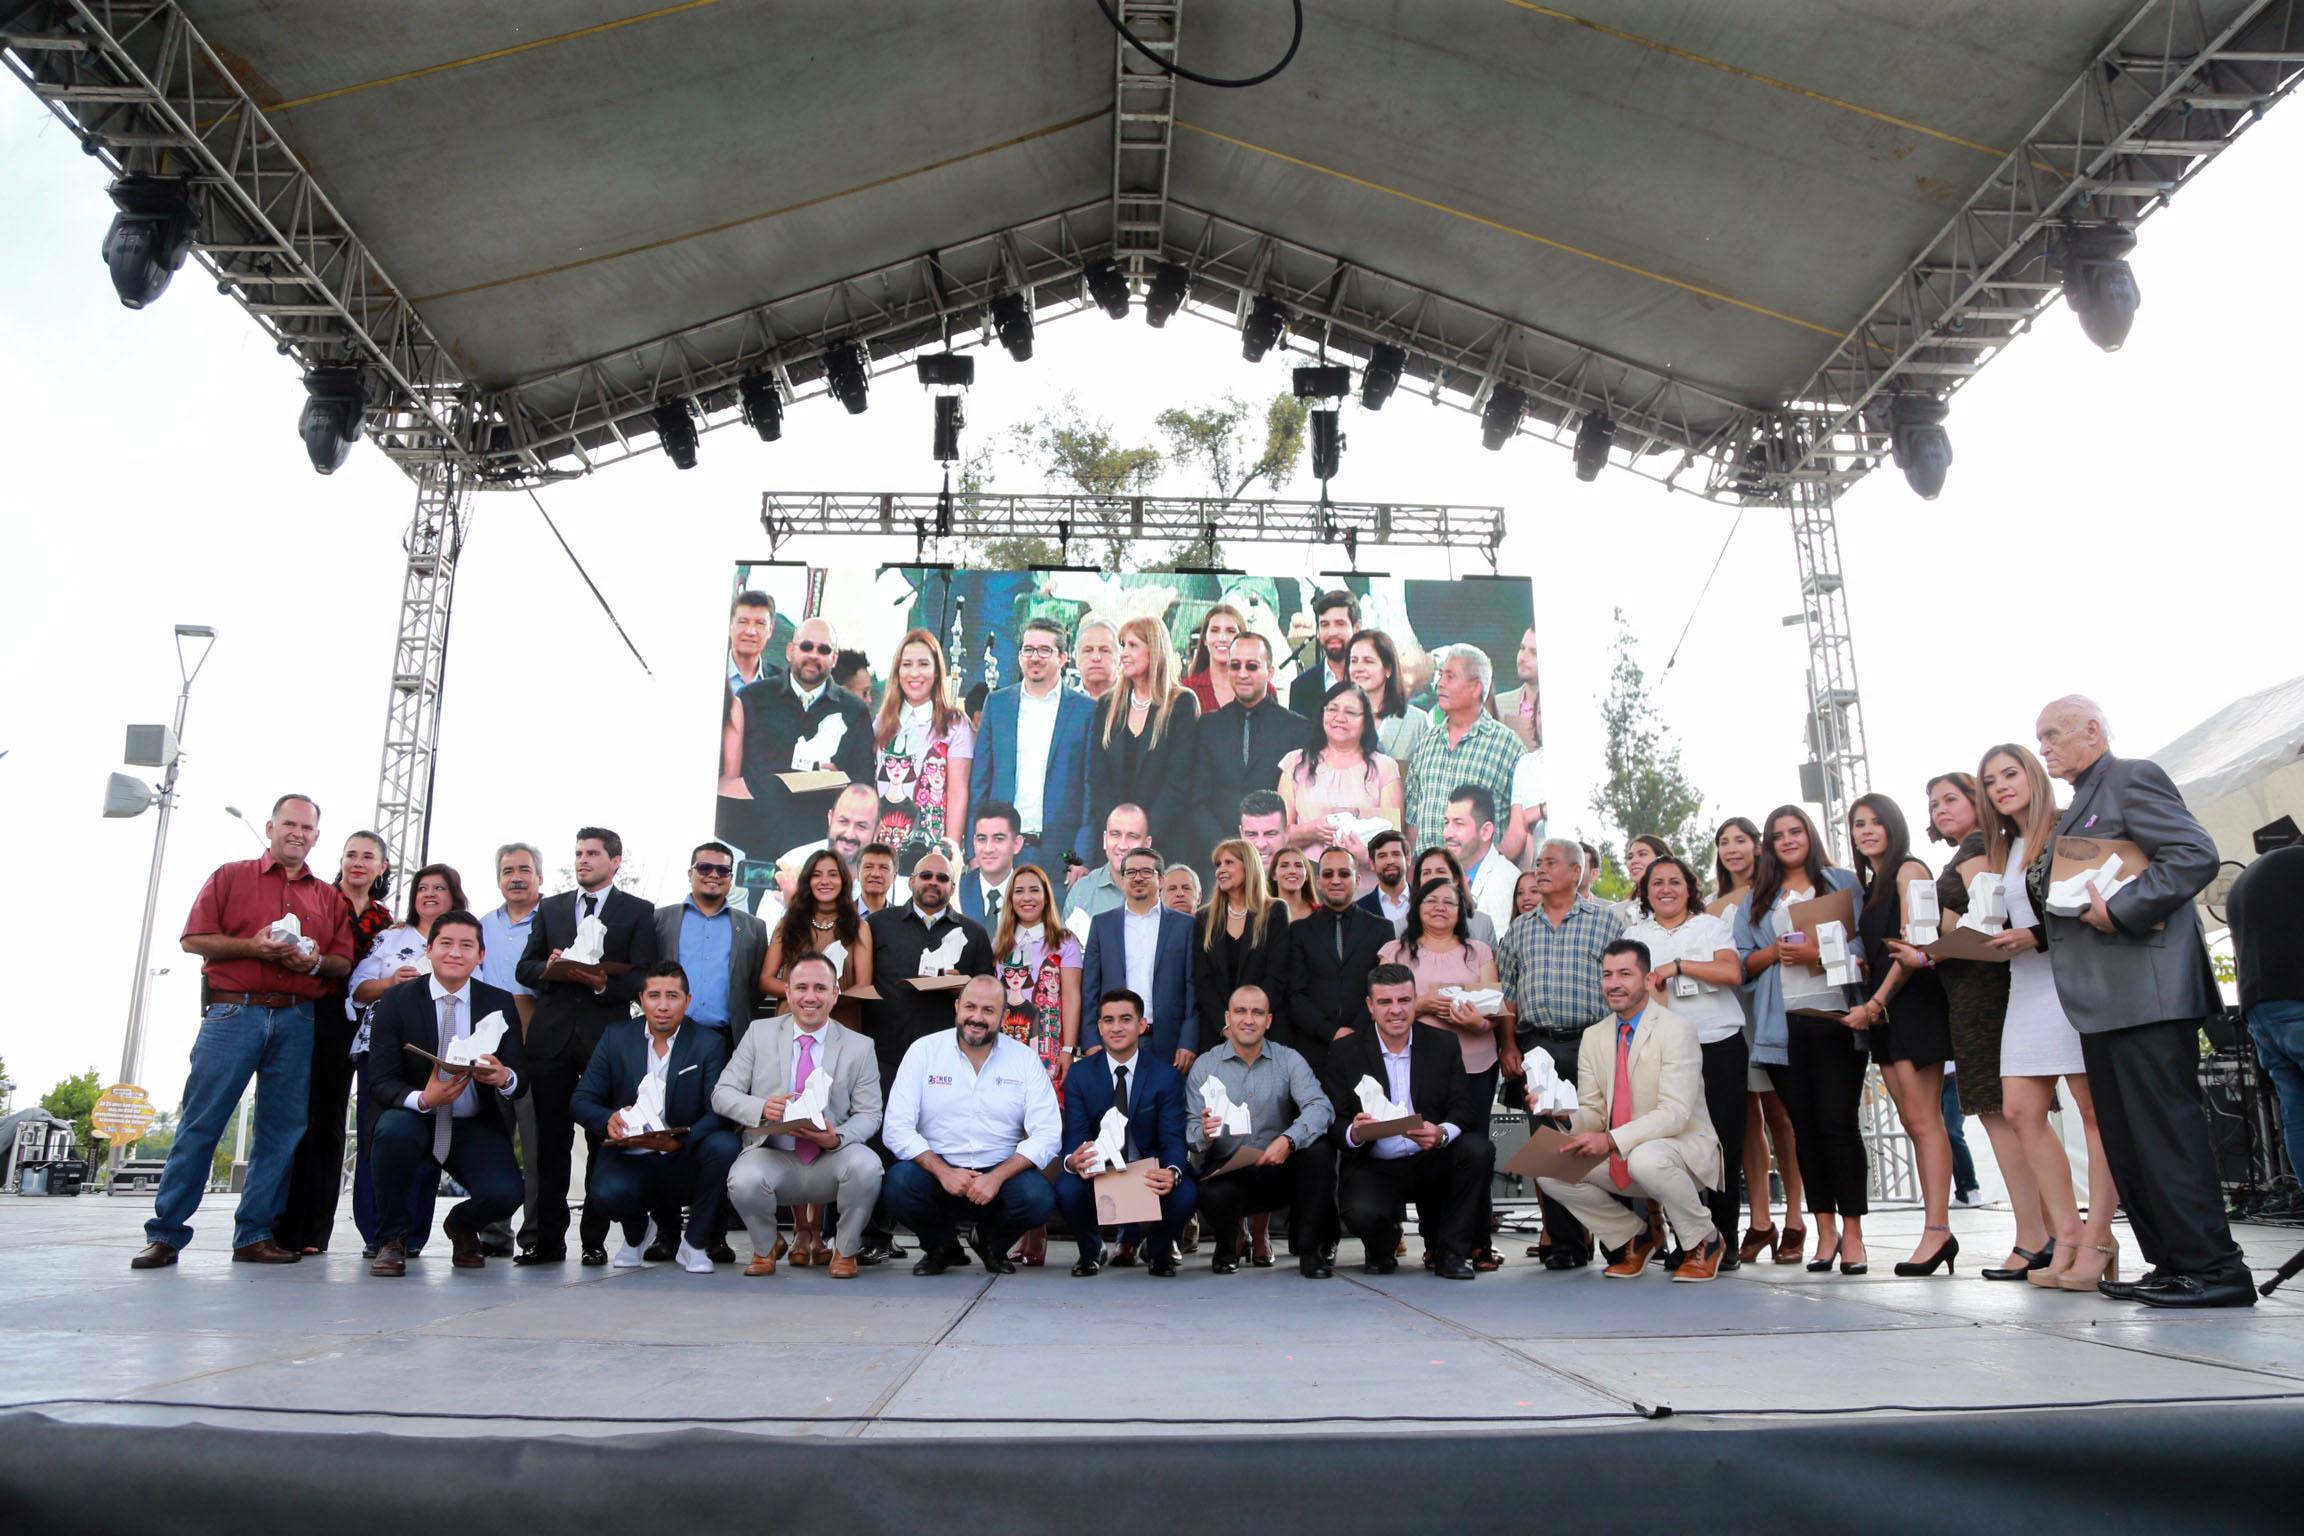 El Rector General, doctor Ricardo Villanueva Lomelí, durante el inicio de la fiesta que convocó a cientos de estudiantes y personal de distintos planteles del Área Metropolitana de Guadalajara (AMG)